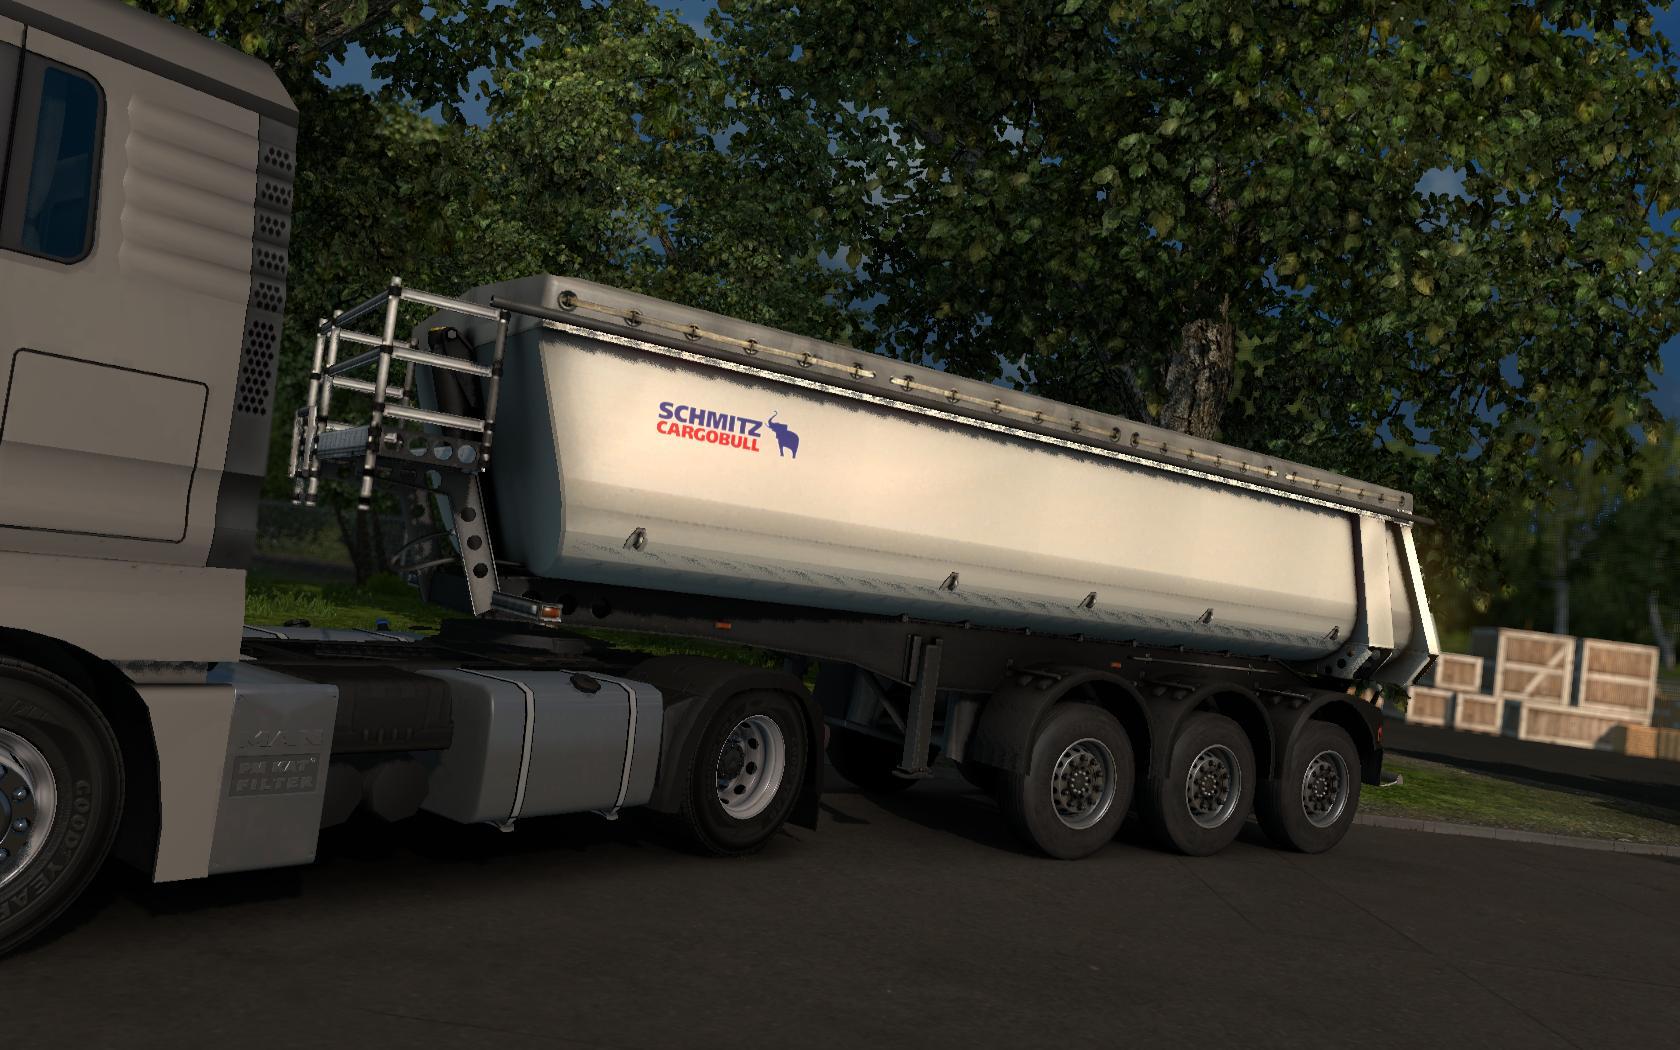 real-schmitz-trailer-logo-1-0_3